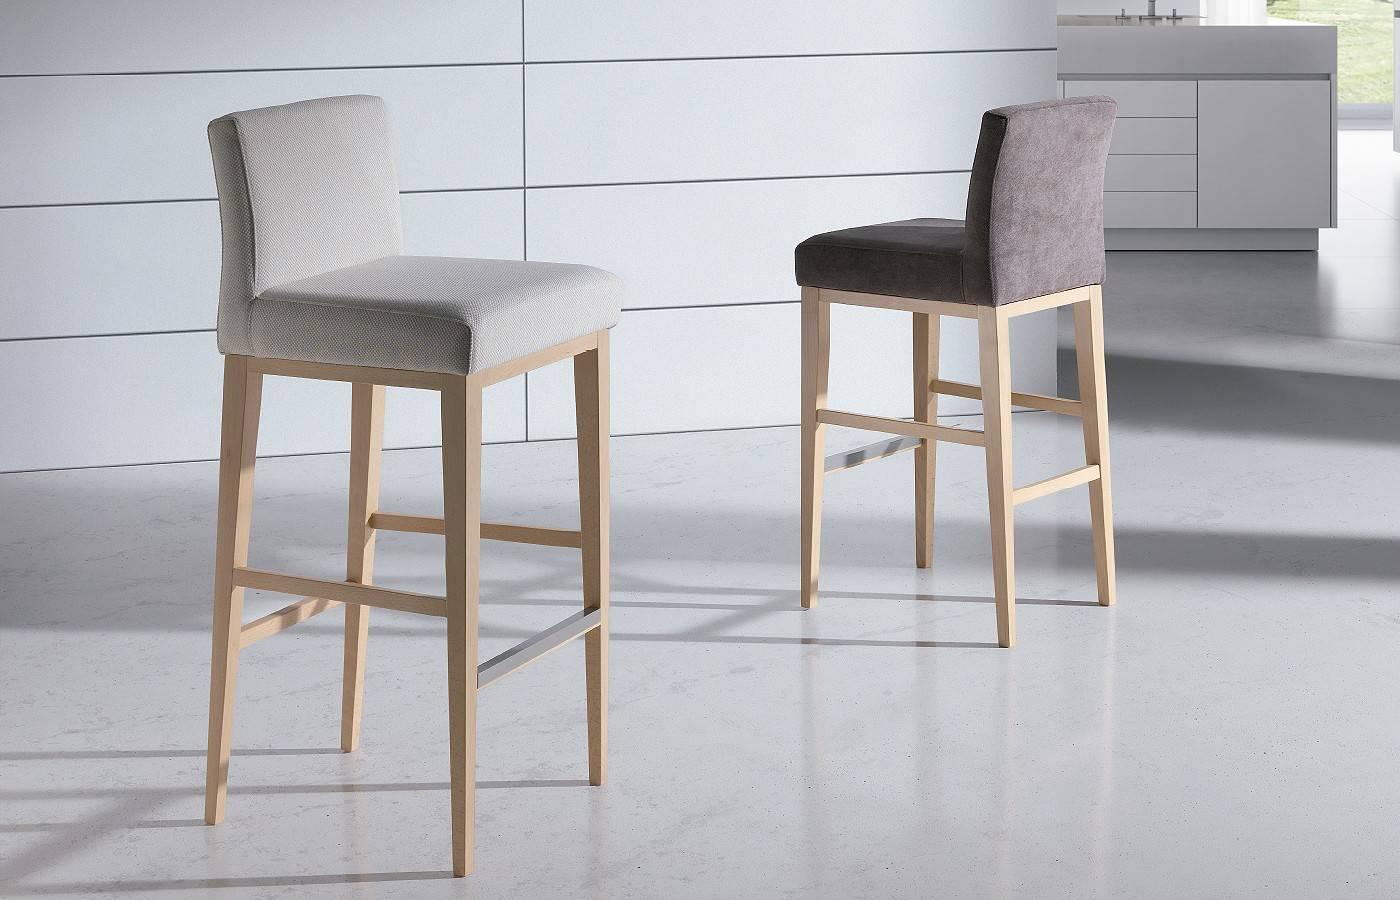 Conjunto mesa alta taburetes slatten dismobel - Mesa alta con taburetes ...